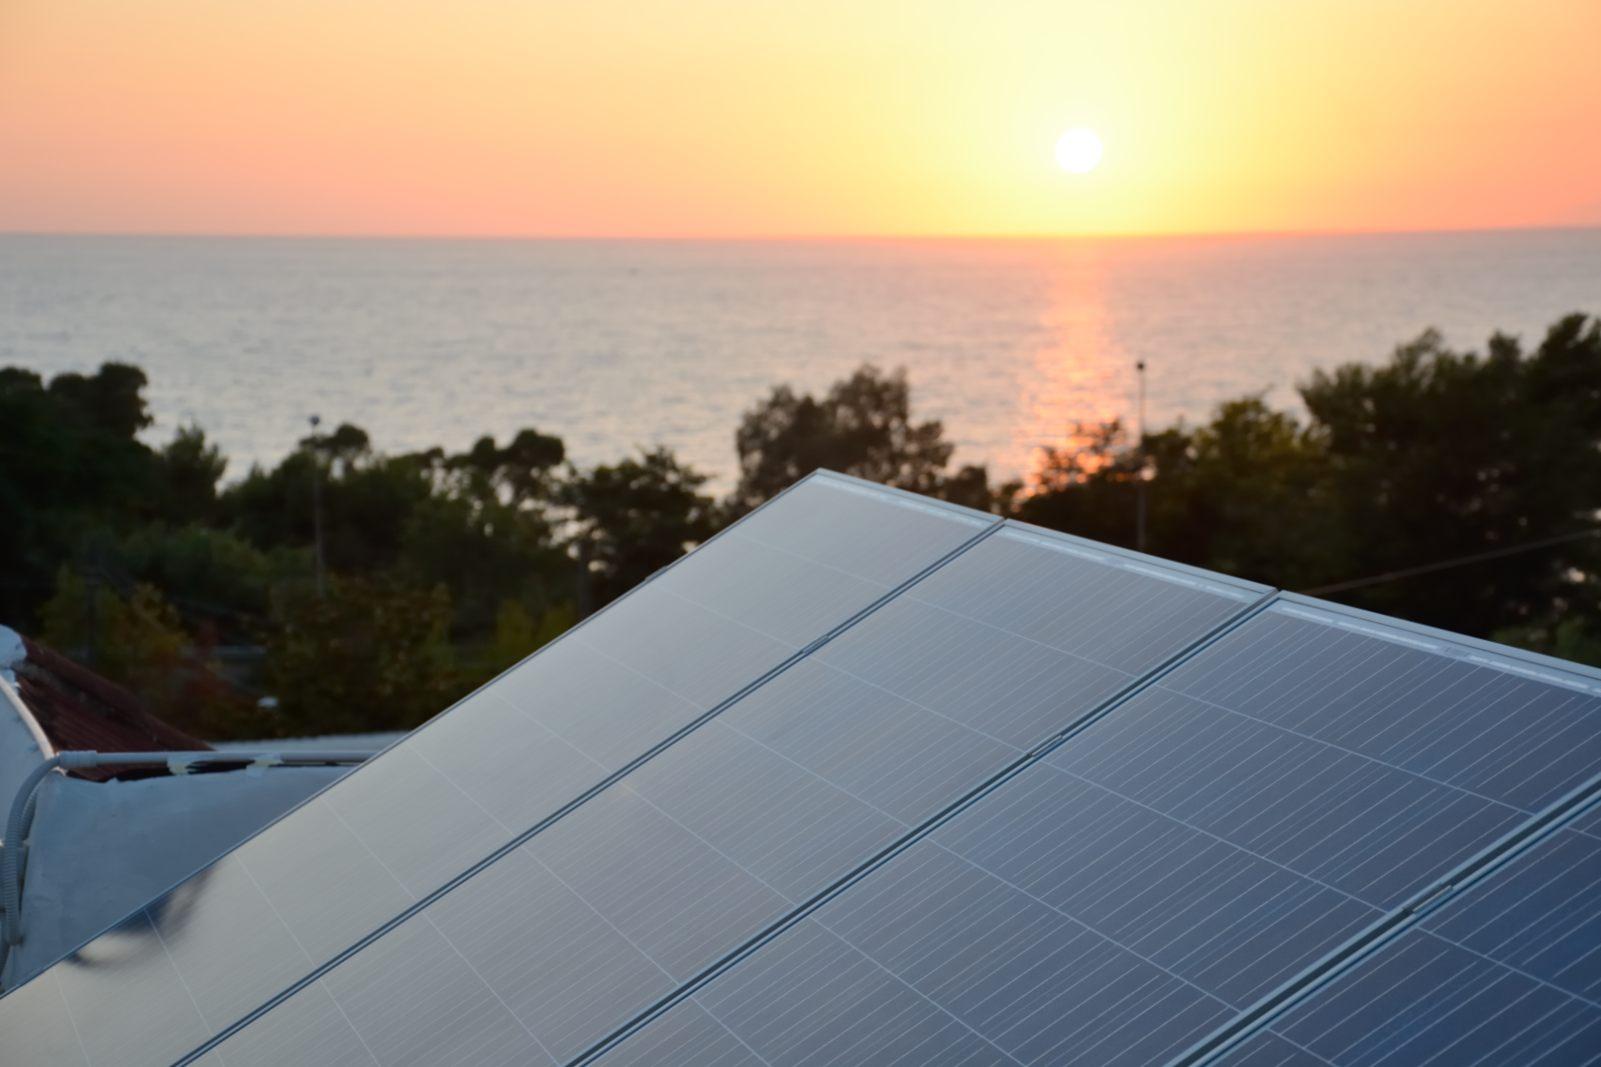 Impianto fotovoltaico progettato nel Cilento nel comune di Agropoli (SA)